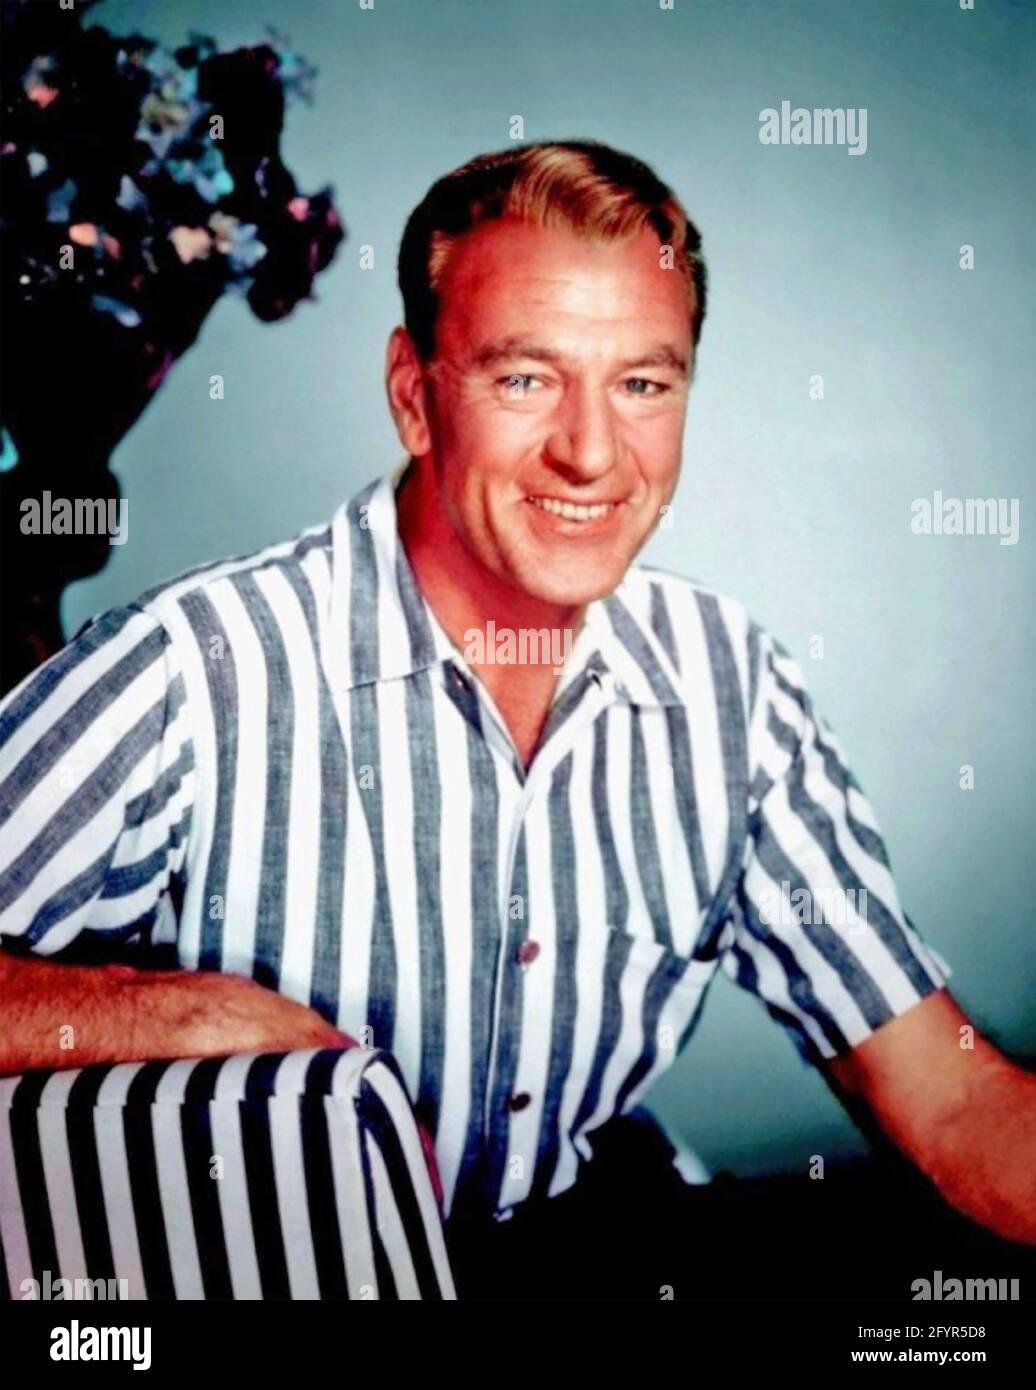 GARY COOPER (1901-1961) acteur de cinéma américain vers 1950 Banque D'Images